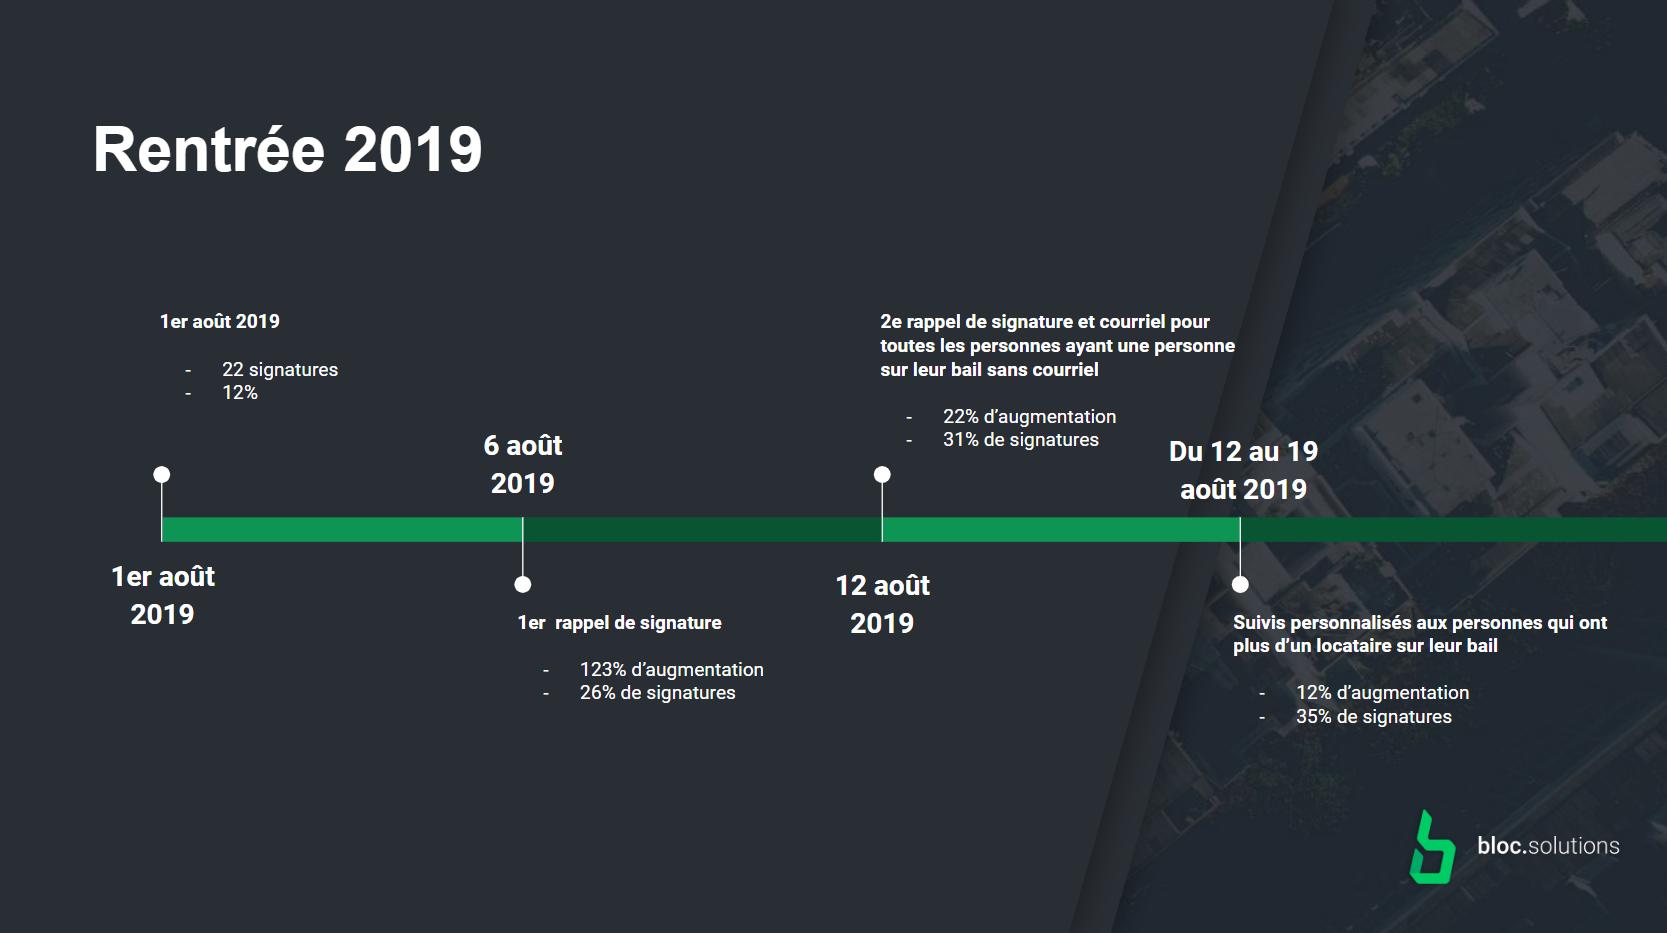 35%des baux ont été signés entre le 1er et le 19 août 2019!